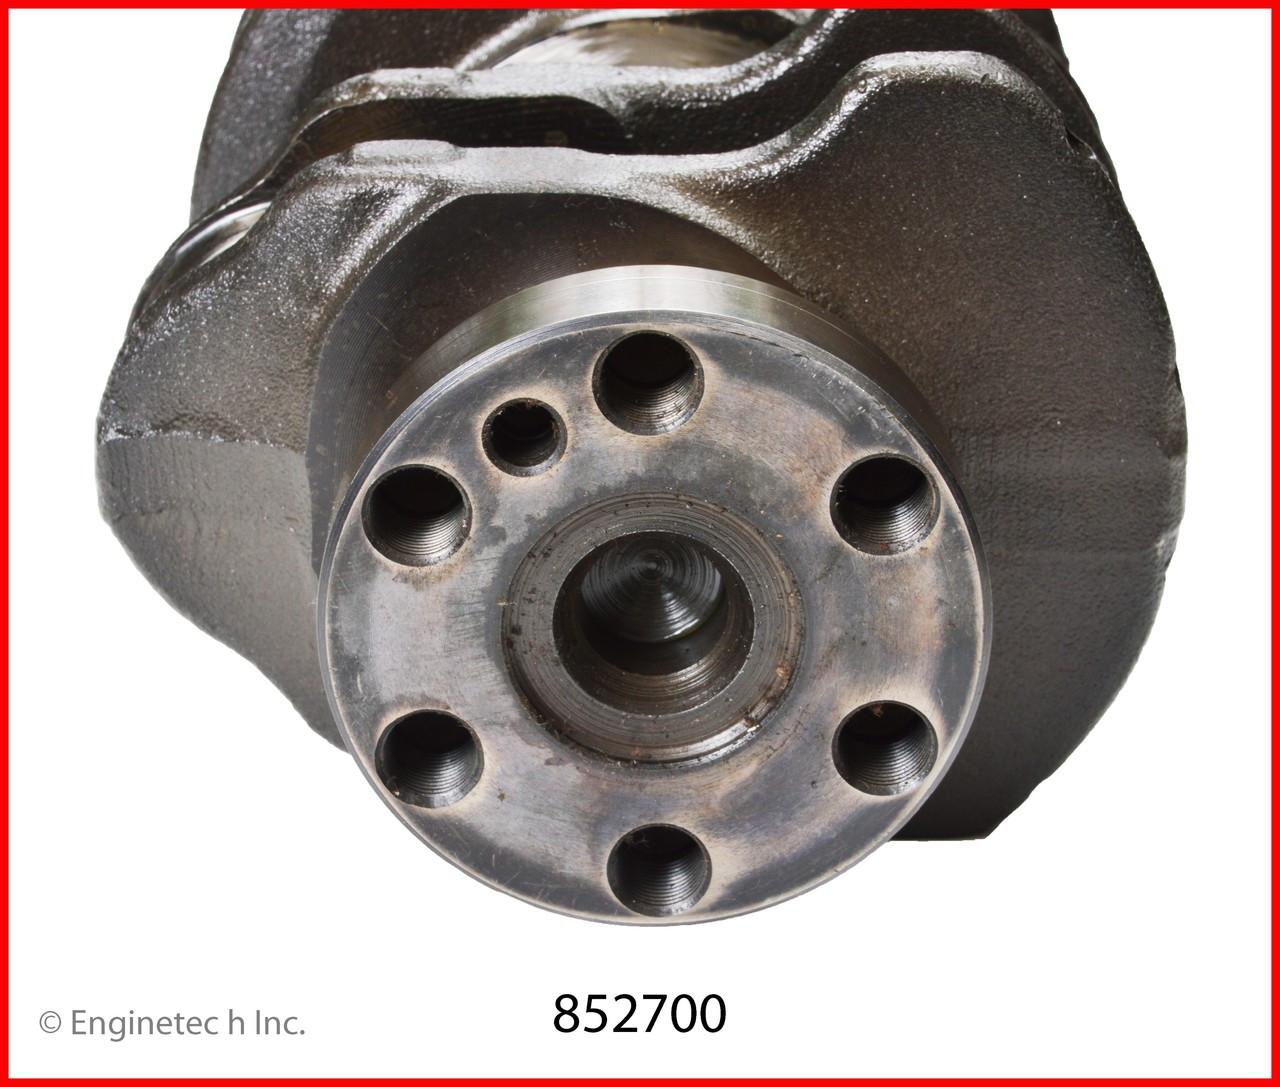 1993 Honda Civic 1.6L Engine Crankshaft Kit 852700 -10